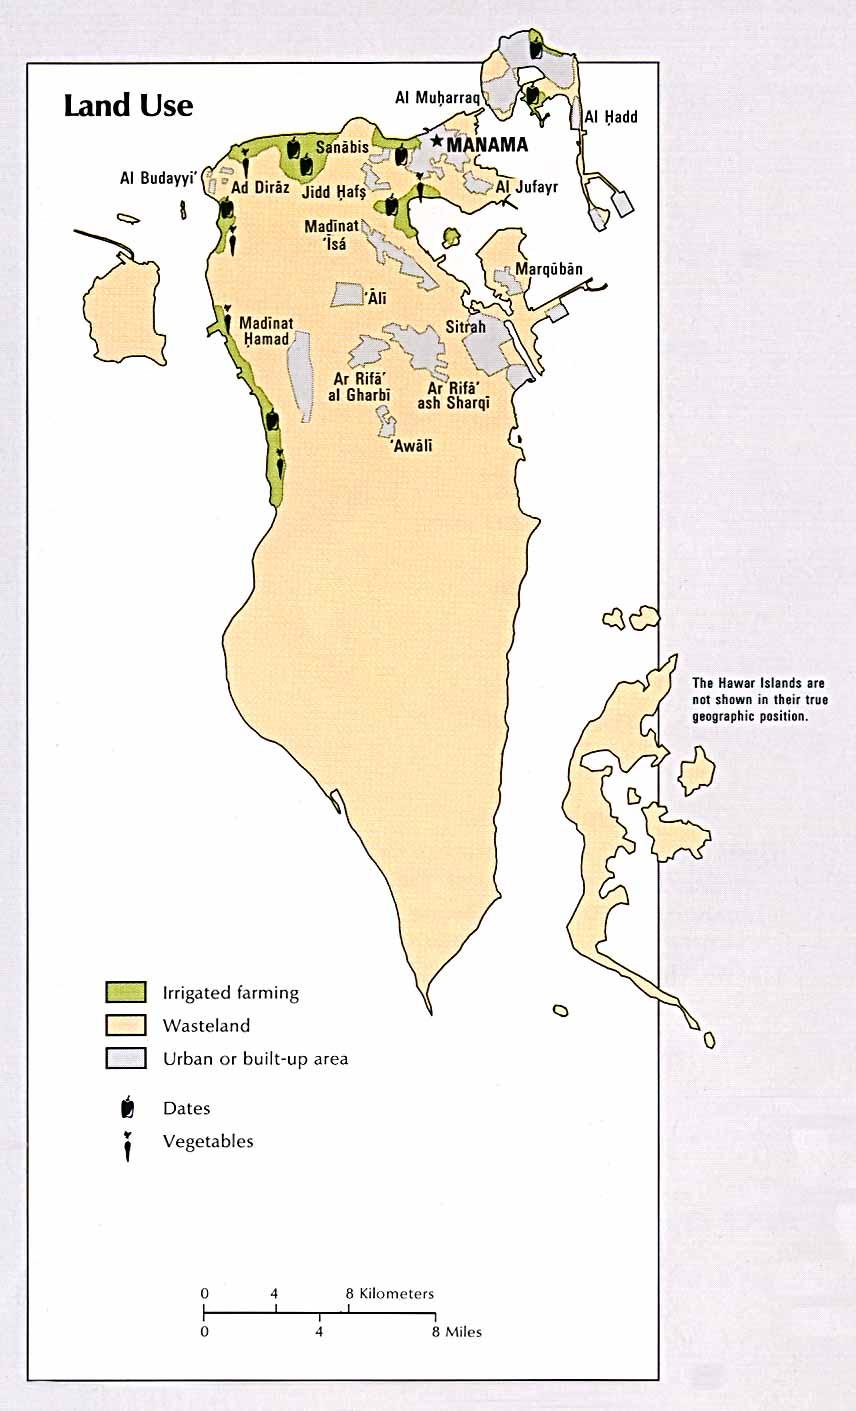 Mapa de Mapa de Uso de Suelo de Bahréin